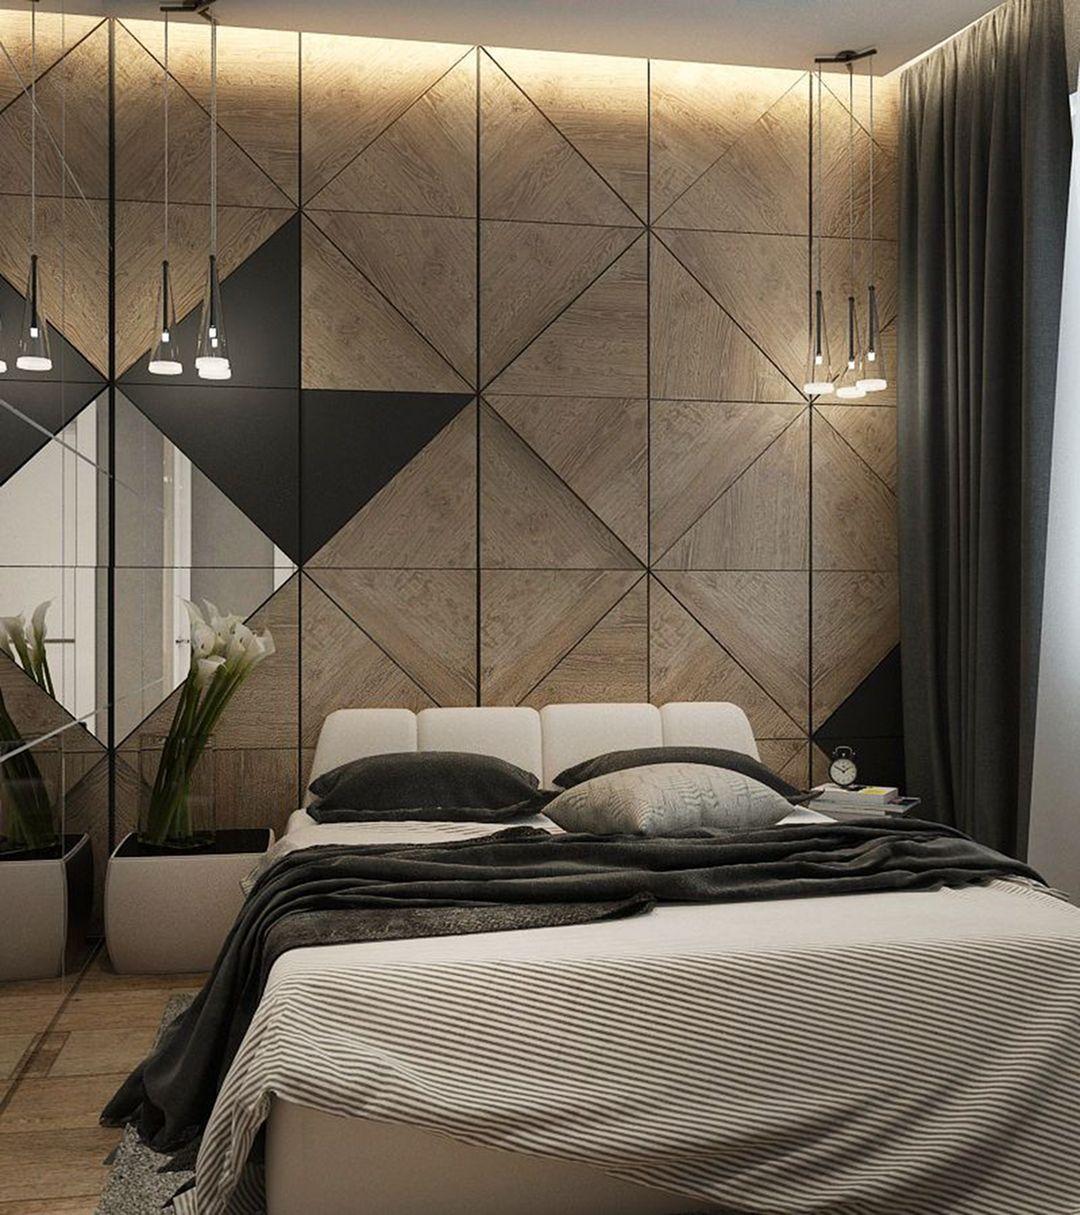 Awesome Detail Bedroom Design Ideas 122 Master Bedroom Interior Bedroom Design Inspiration Interior Design Bedroom